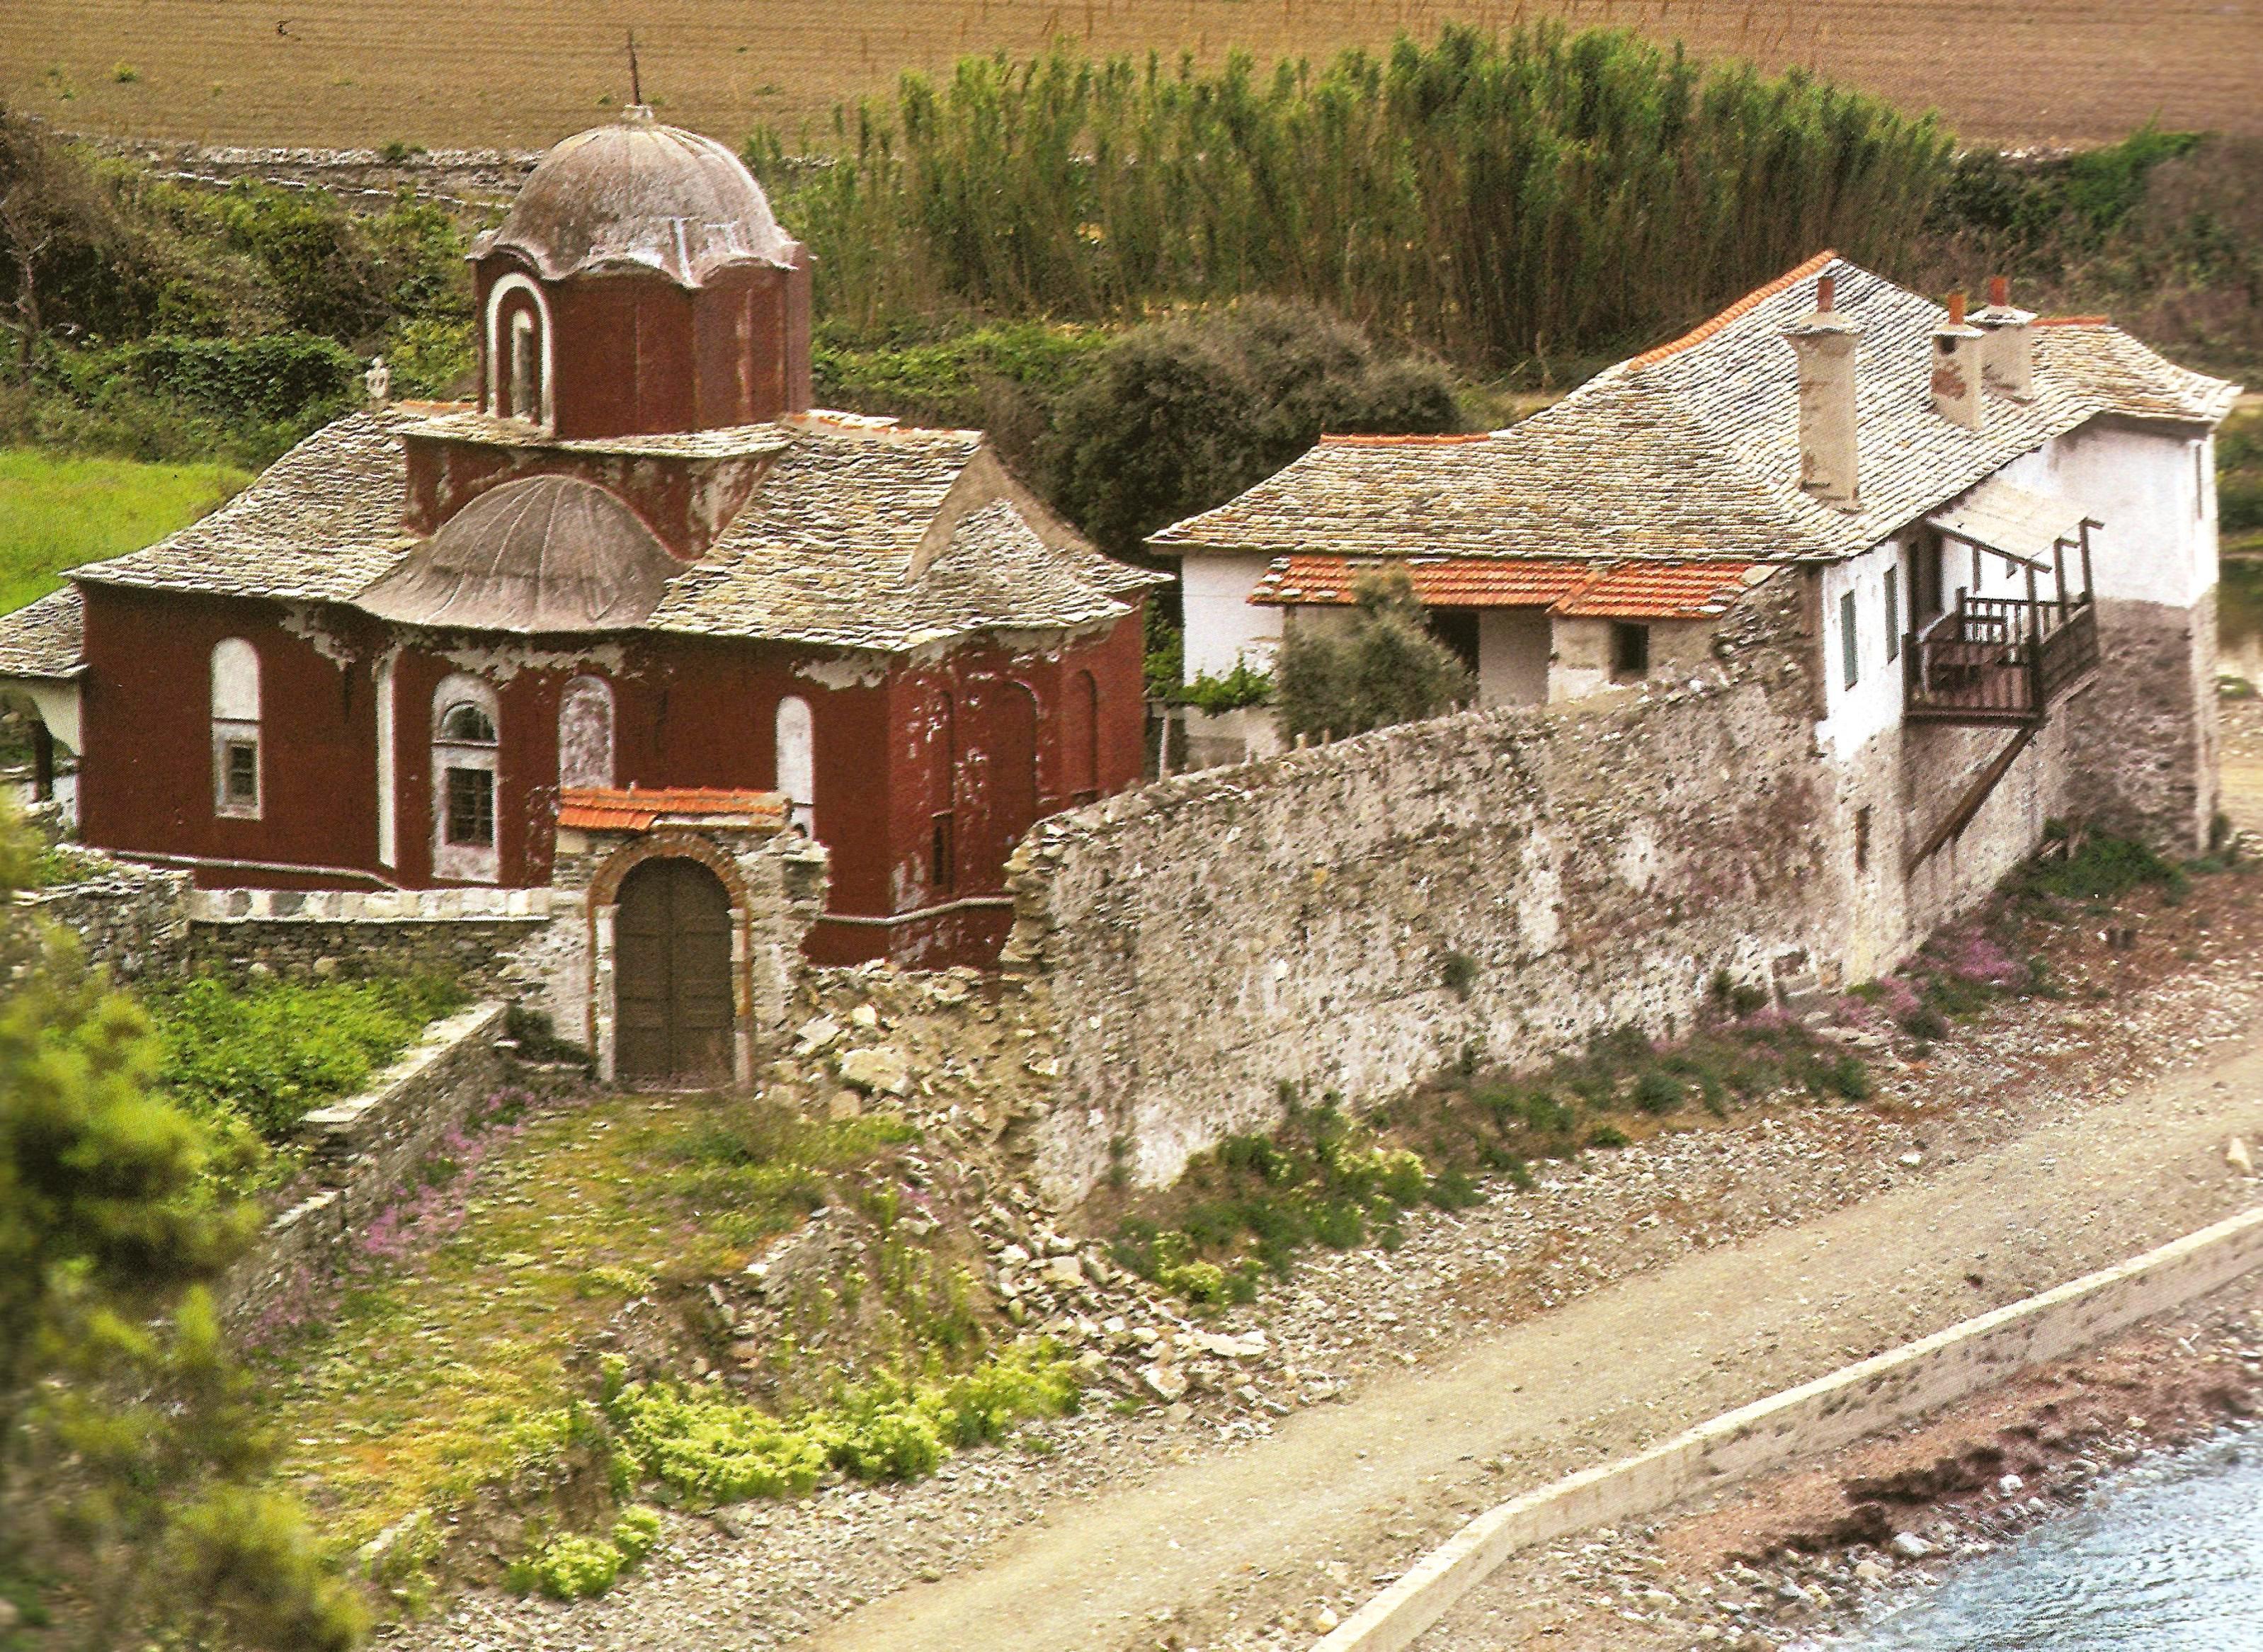 Το κελλί του «αγιάσματος» στην παραλία νοτιοανατολικά της Μονής. The cell of the Holy Spring on the beach southeast of the monastery